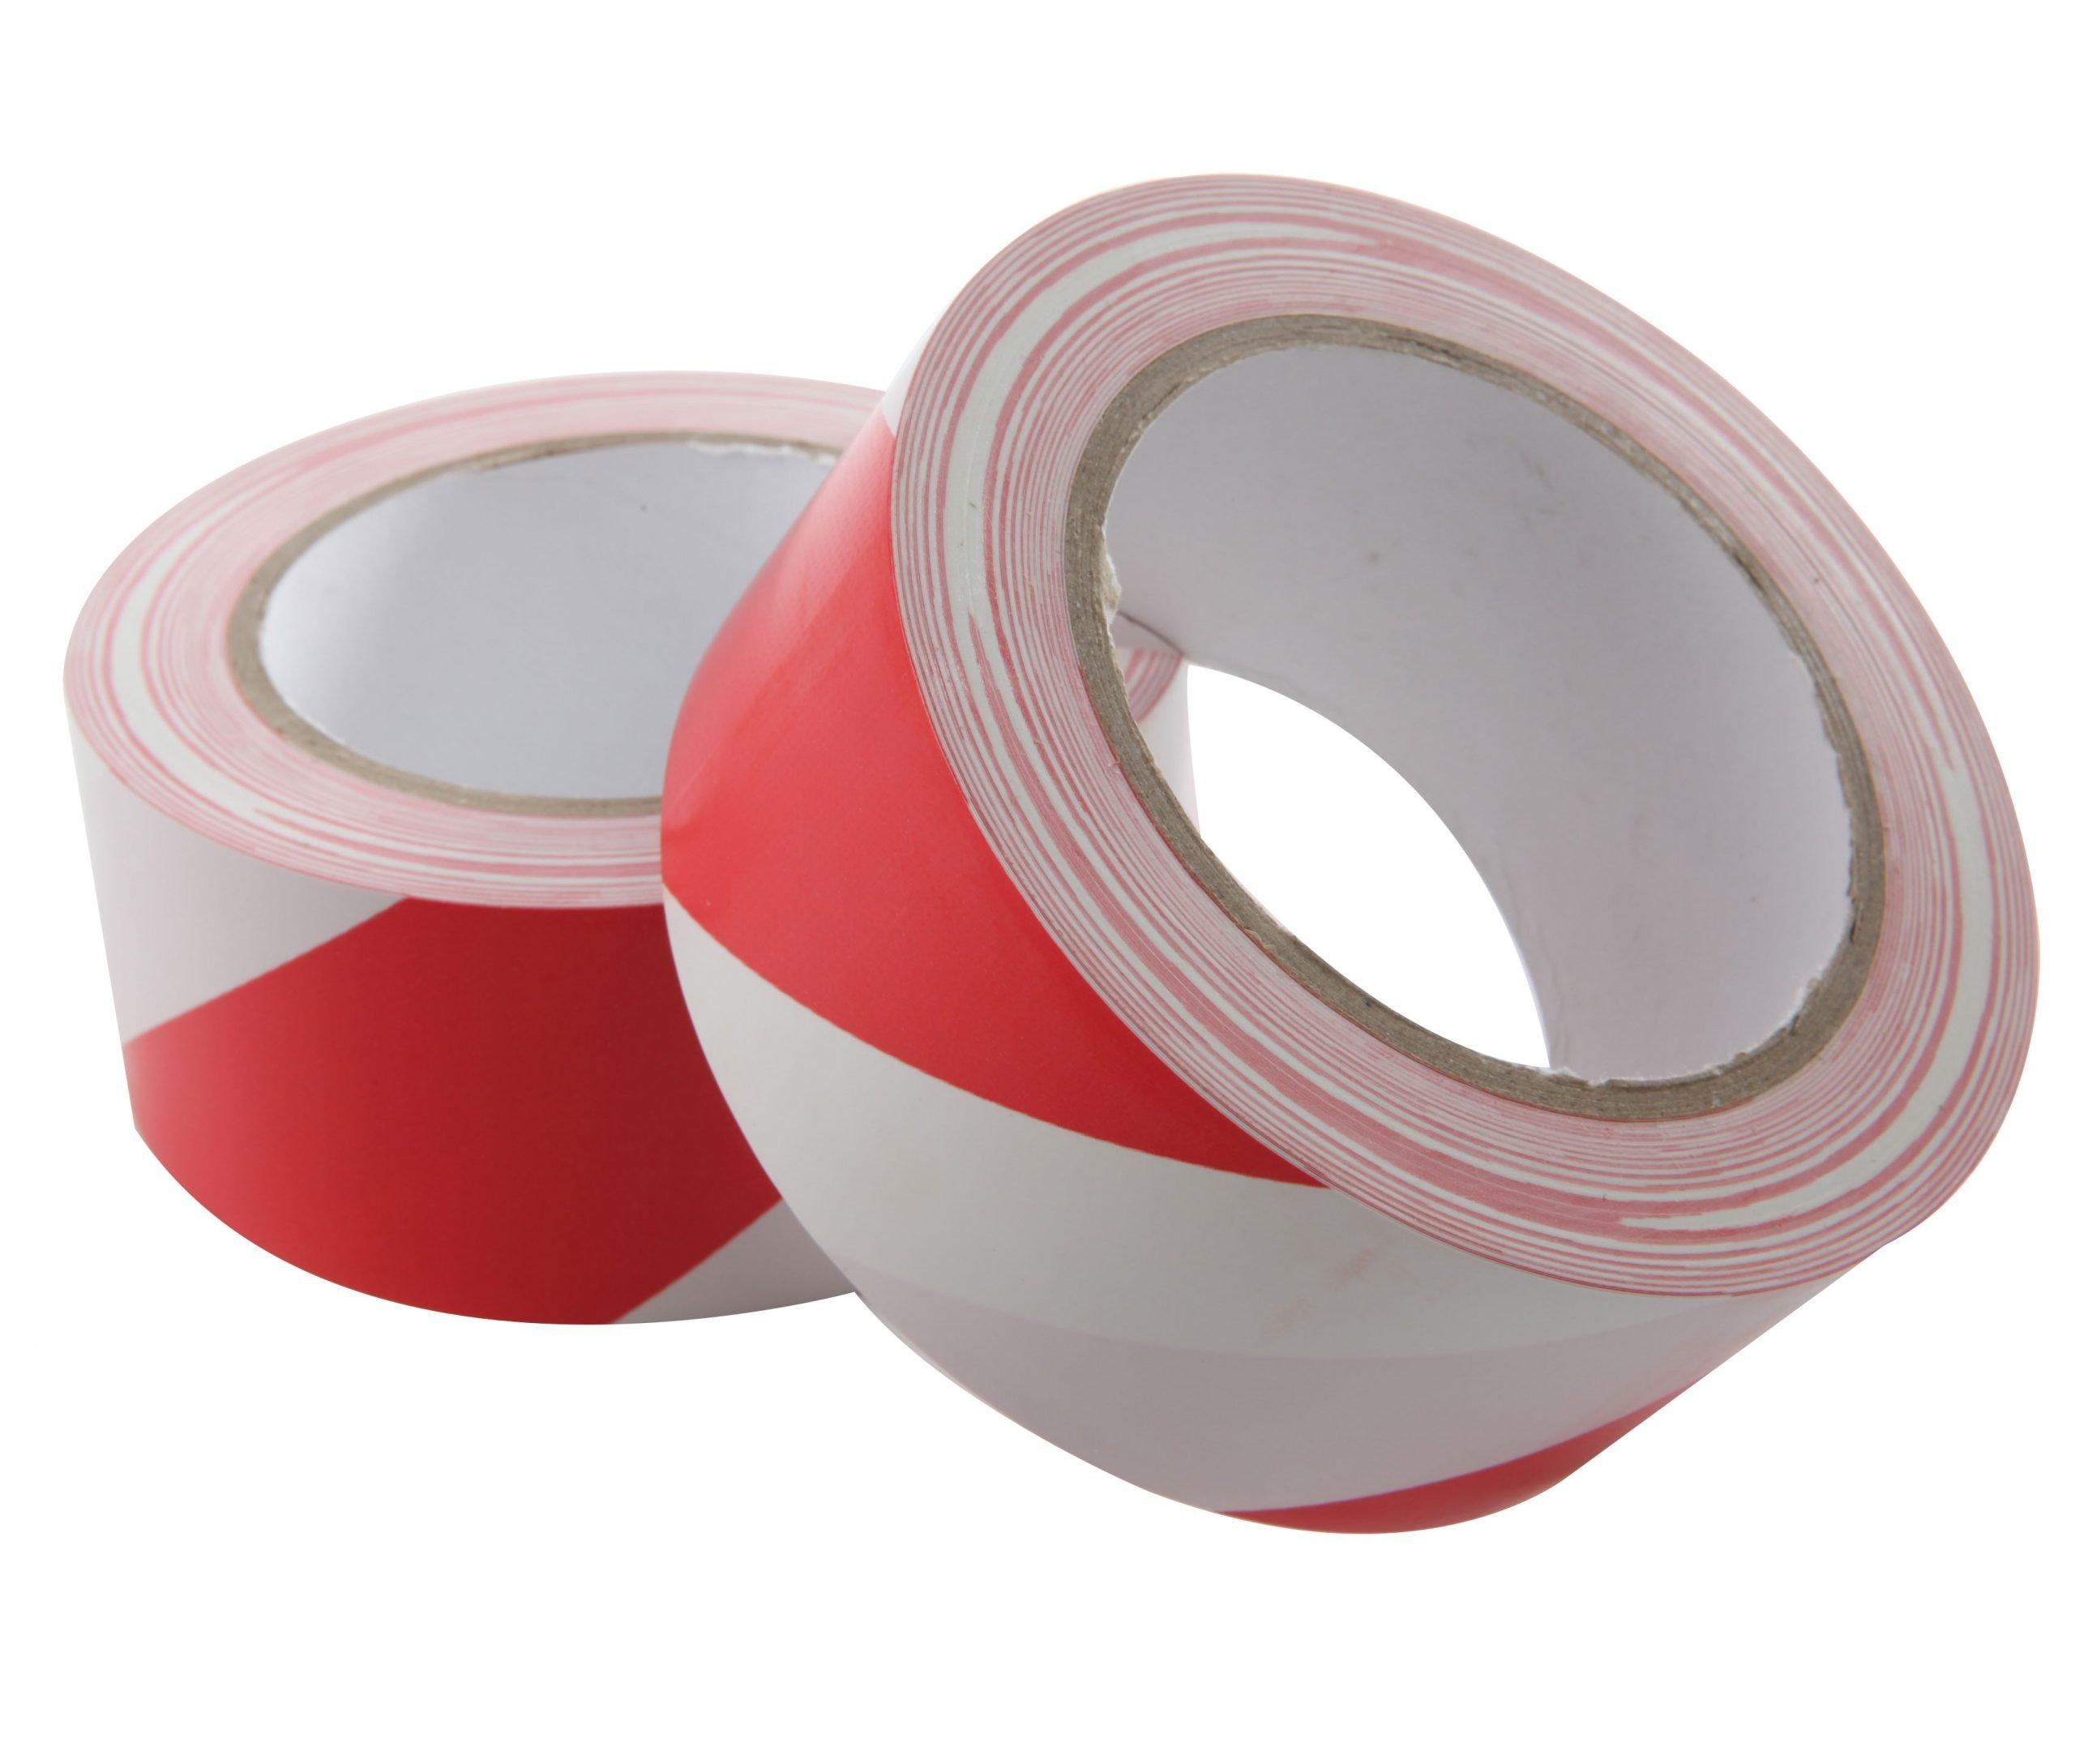 Vloermarkeringstape wit-rood streep